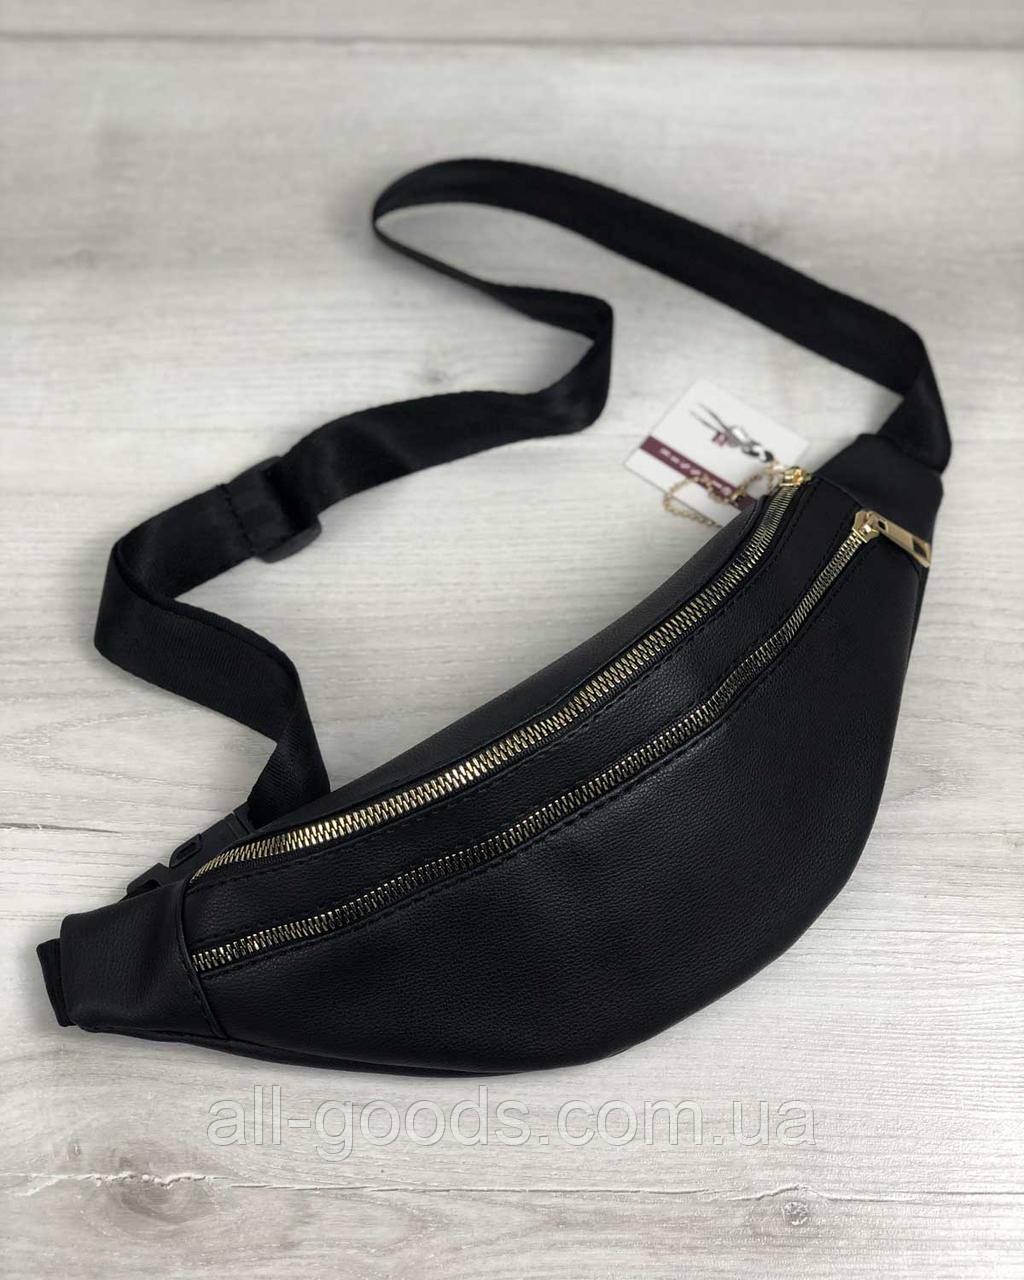 ce9cbda1cebd Женская сумка Бананка на два отделения черного цвета - All-Goods-заказы  через корзину